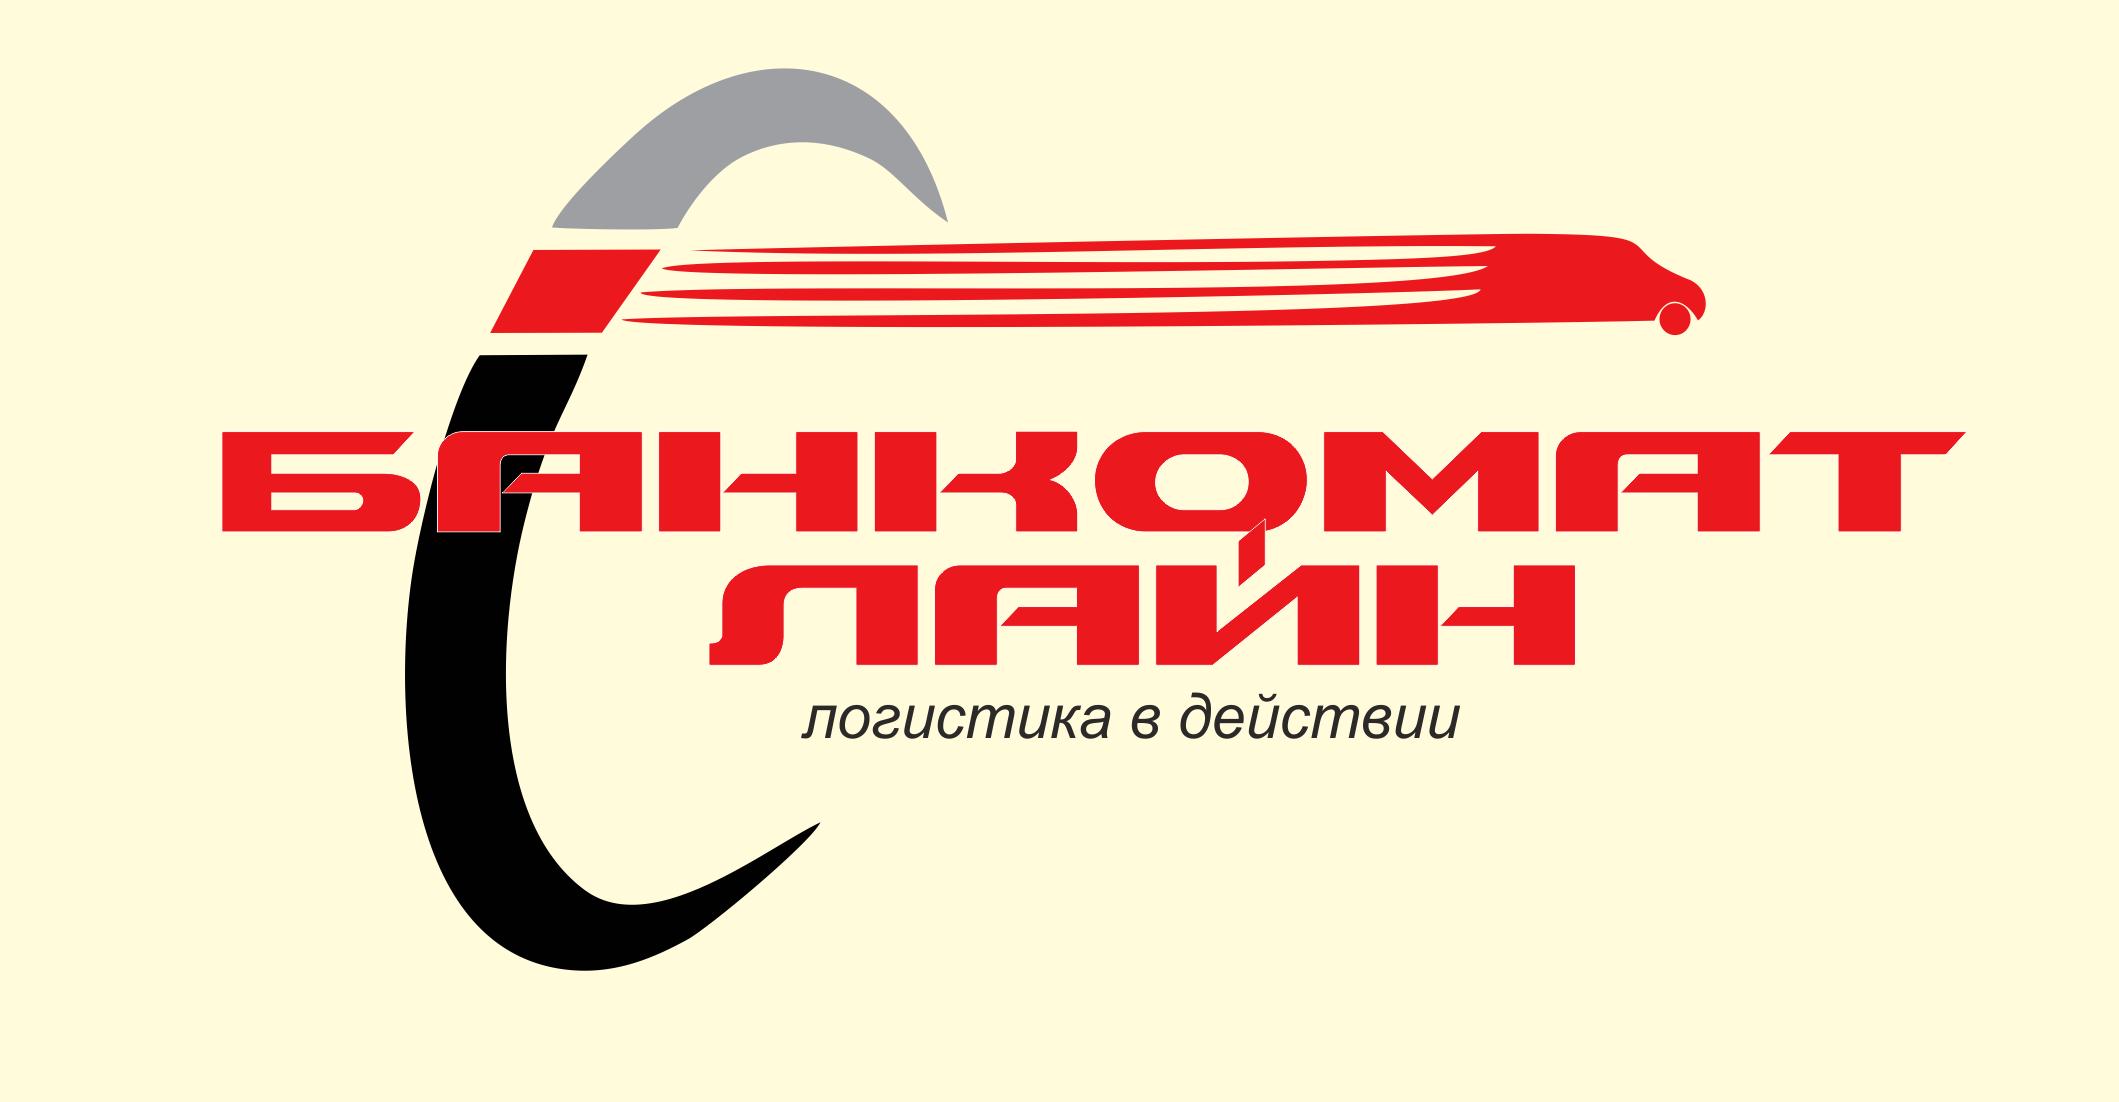 Разработка логотипа и слогана для транспортной компании фото f_145587cda3636d78.png